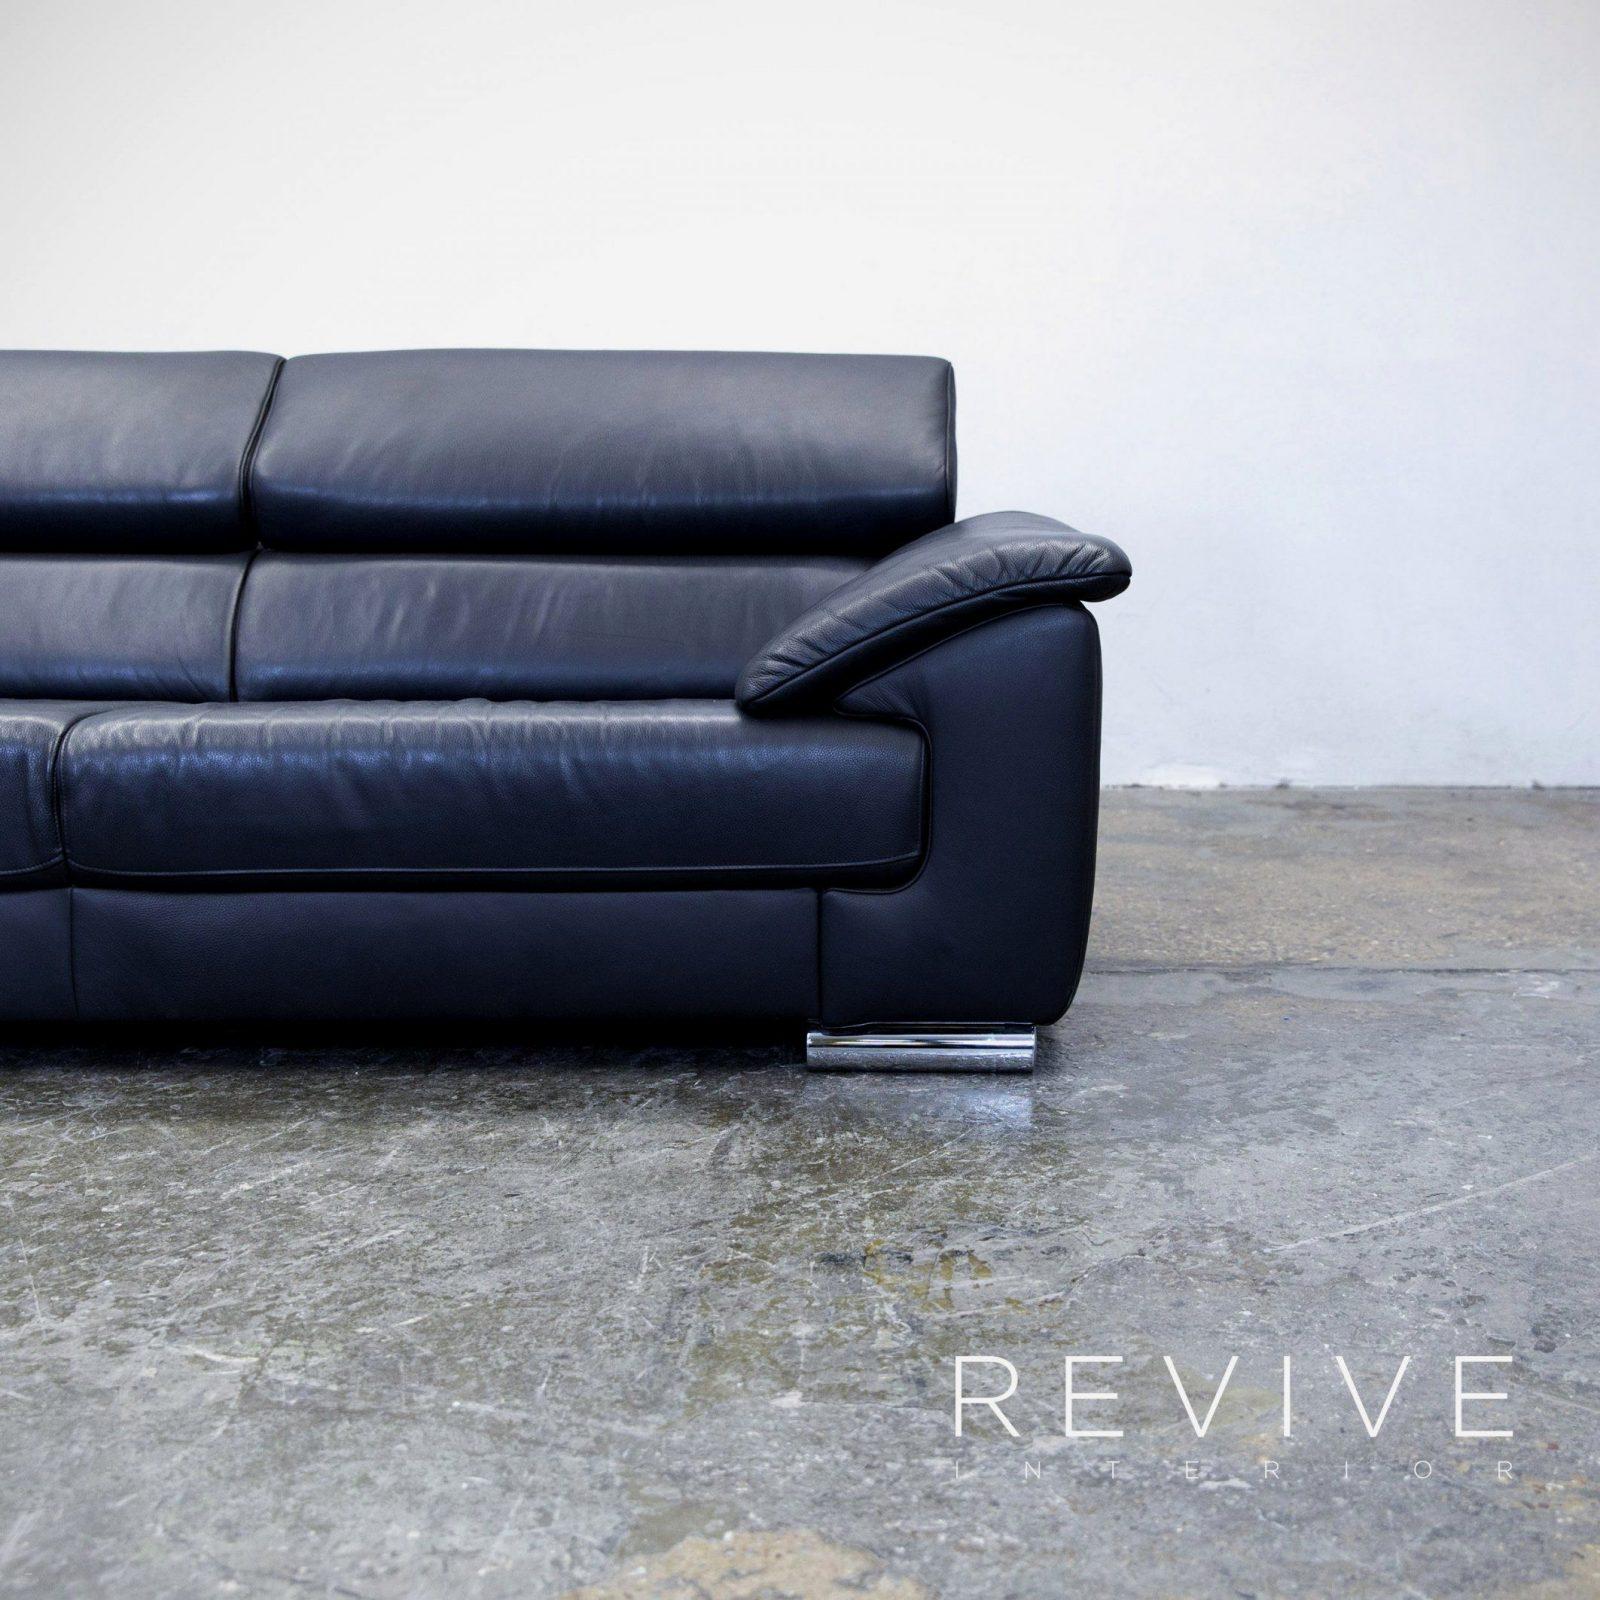 Moderne Sofas Für Kleine Räume Elegant Top Ergebnis 50 Luxus L Couch von Moderne Sofas Für Kleine Räume Bild